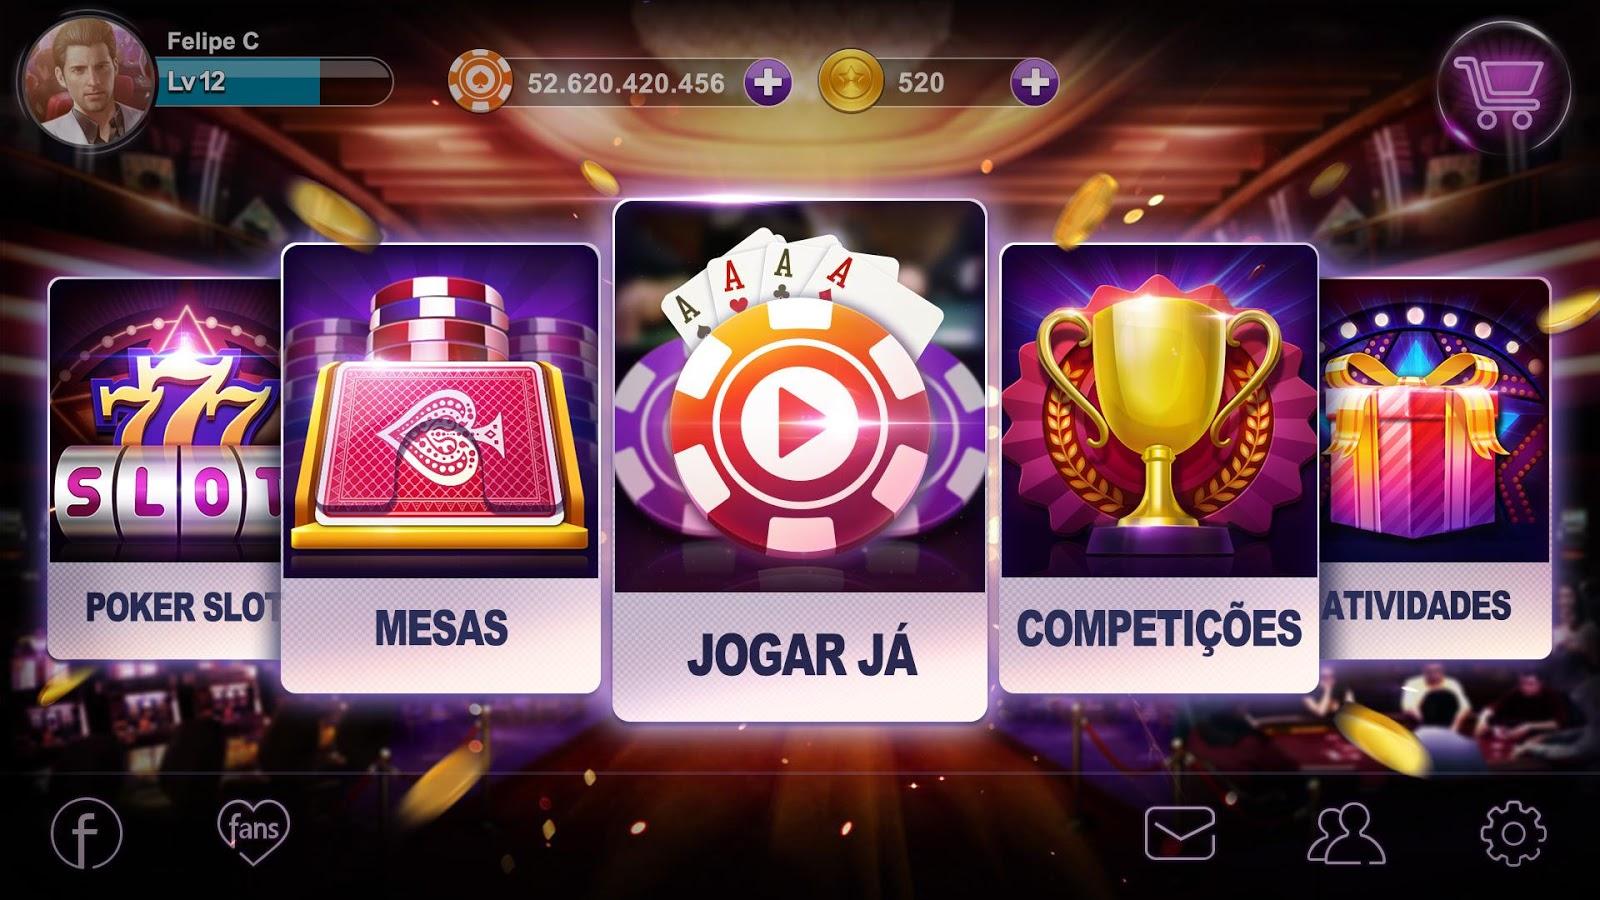 Jogar Ipad Casino | Casino.com Portugal